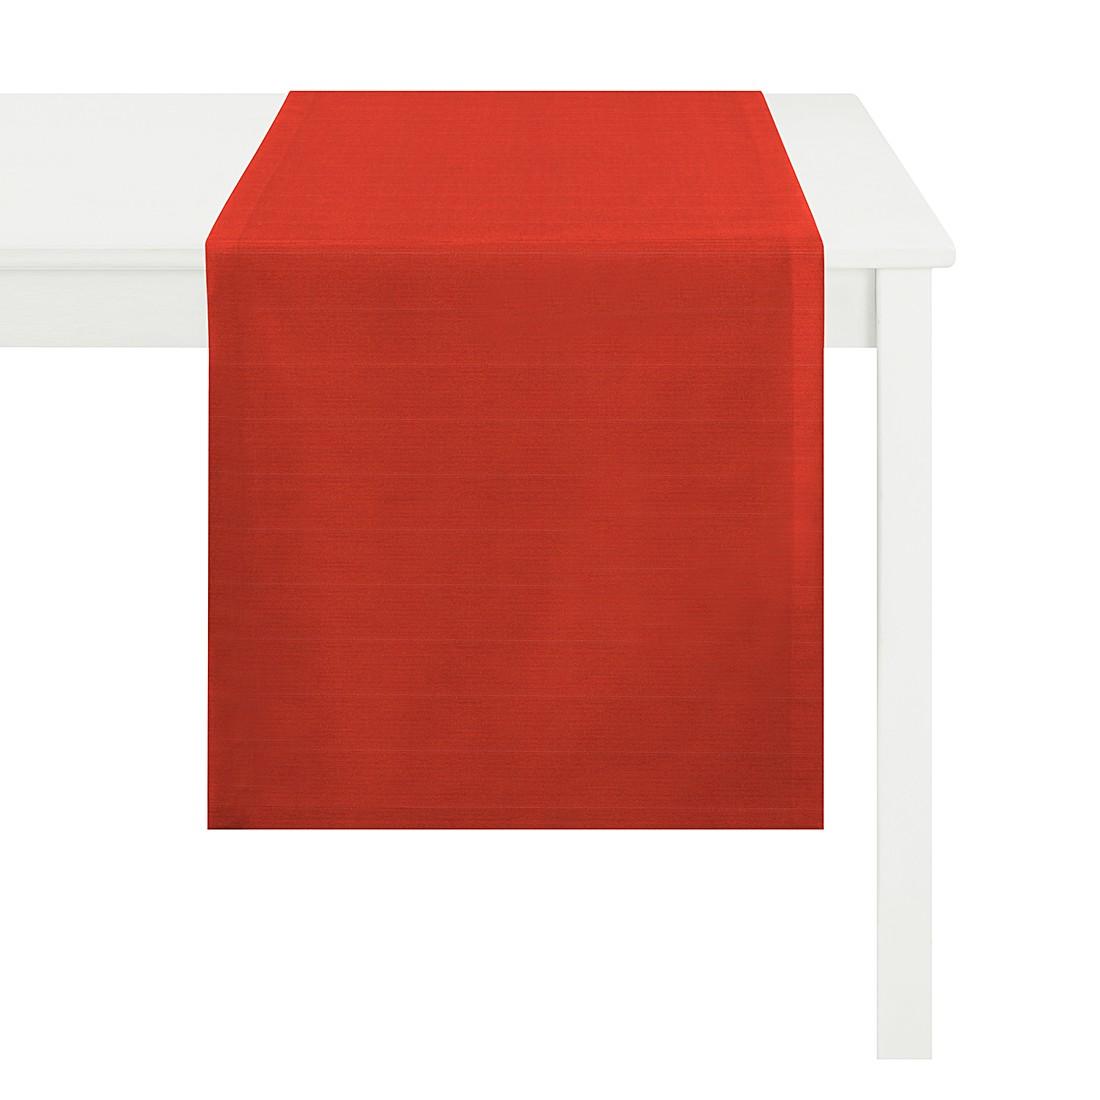 Tafelloper Tizian - rood, Apelt